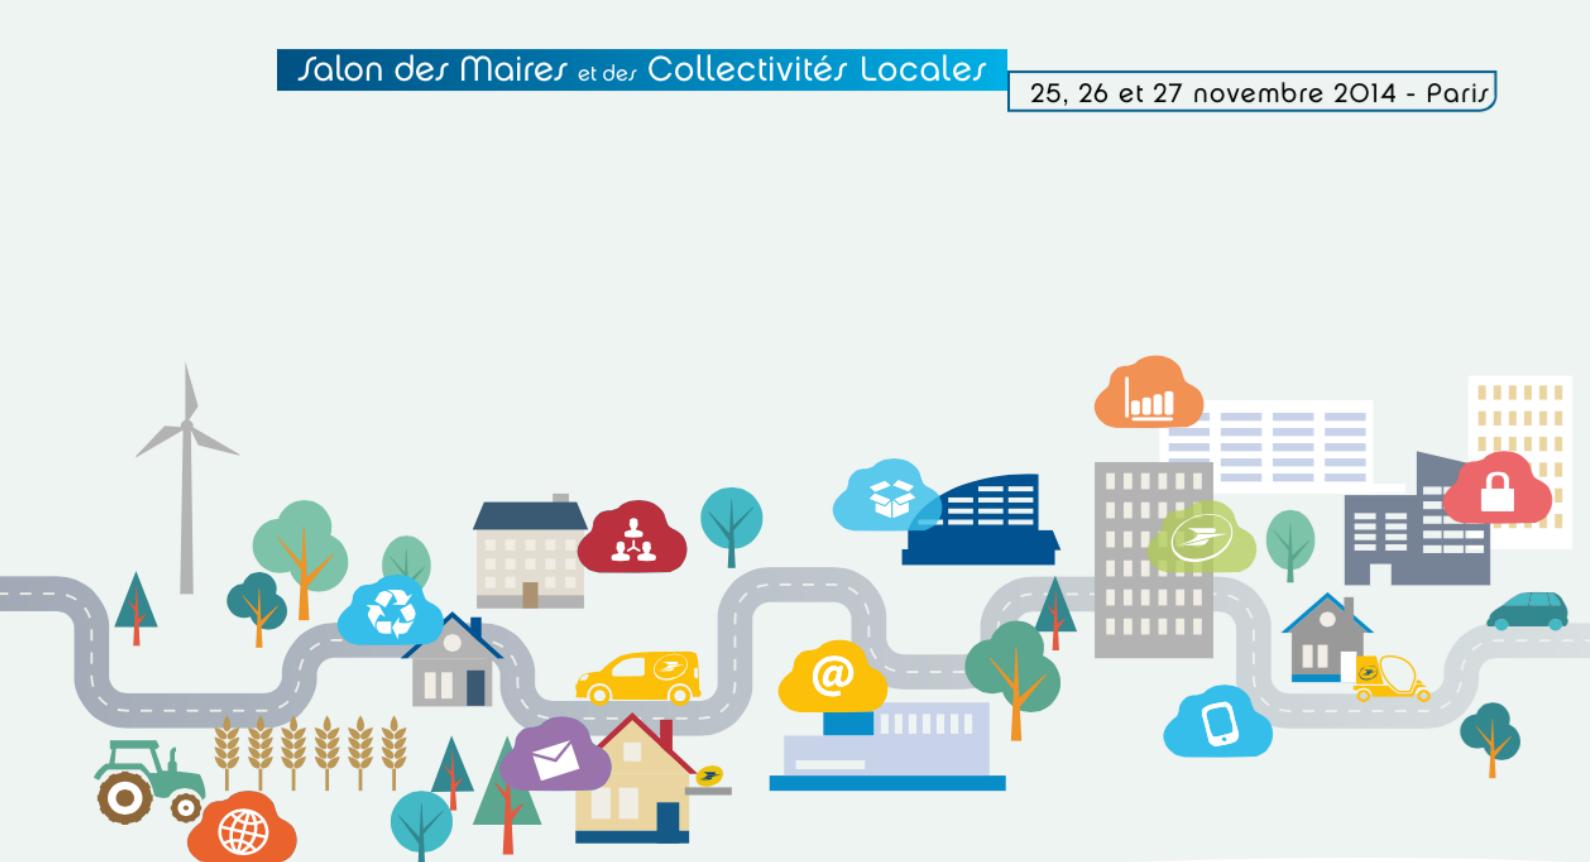 Confiance num rique et r invention du service public - Salon des maires et des collectivites locales ...